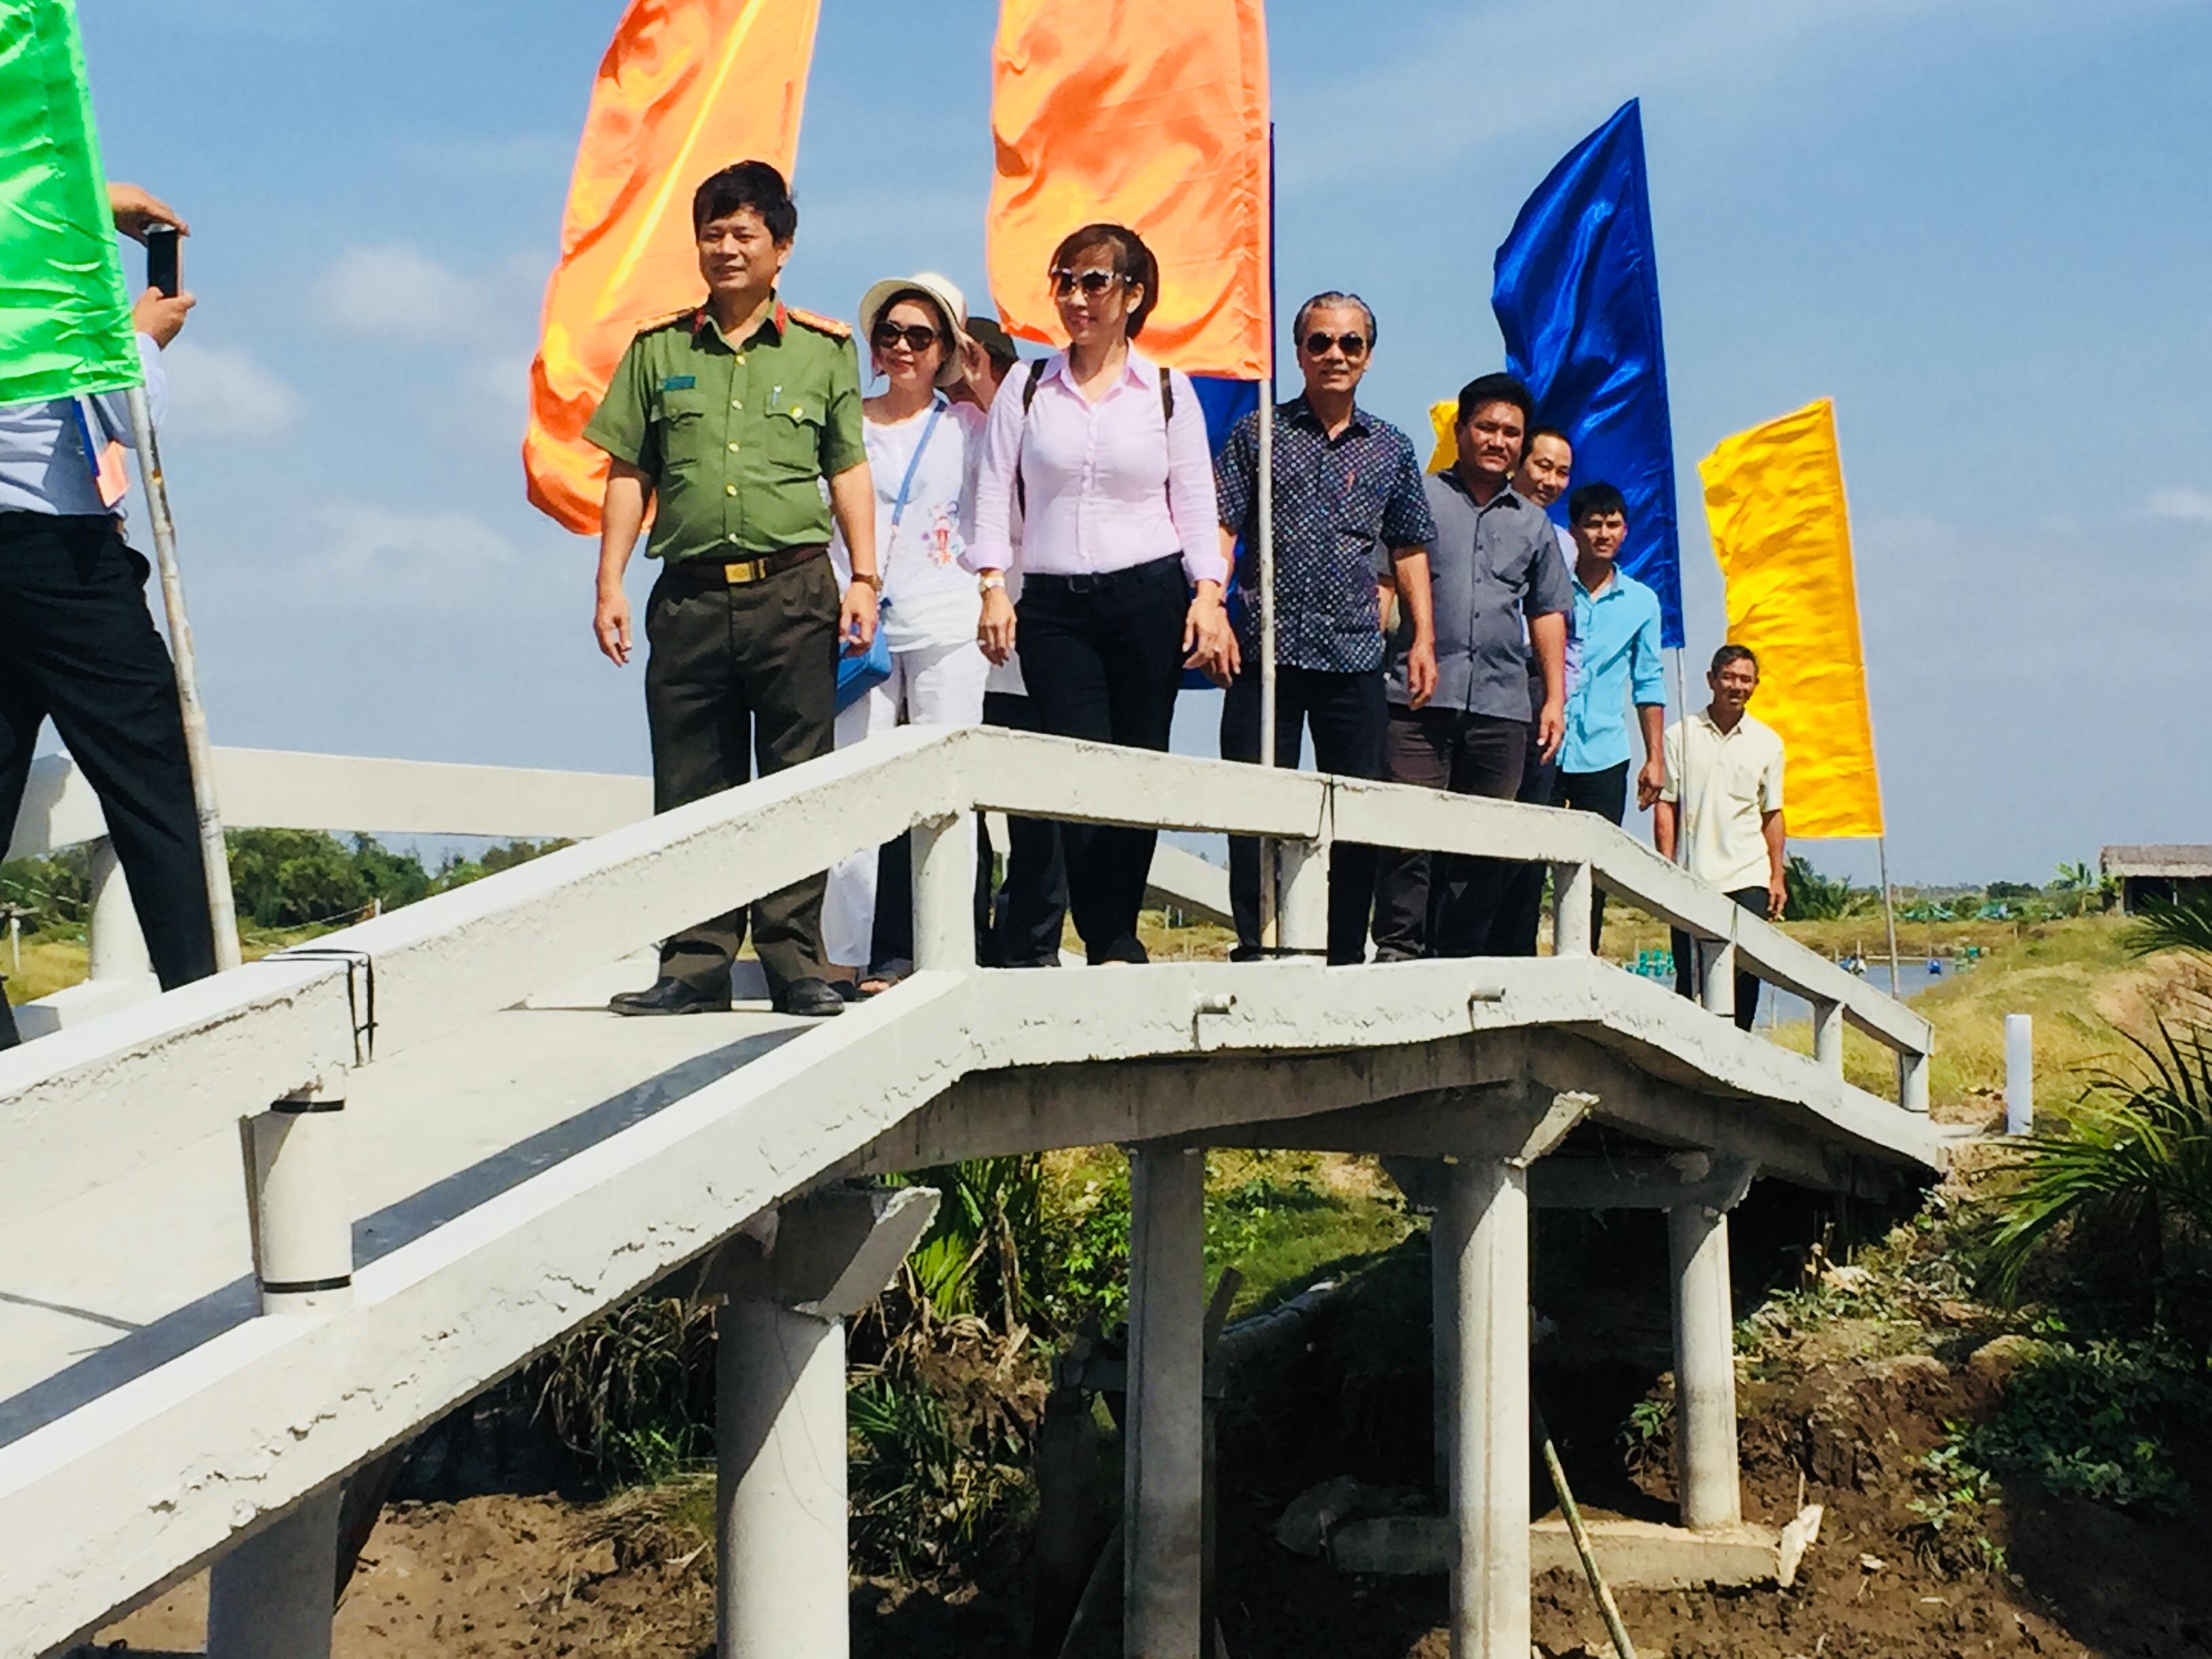 Đoàn công tác và chính quyền địa phương khánh thành cầu nông thôn tại ấp Khúc, xã Hiệp Mỹ Đông, huyện Cầu Ngang, Trà Vinh.